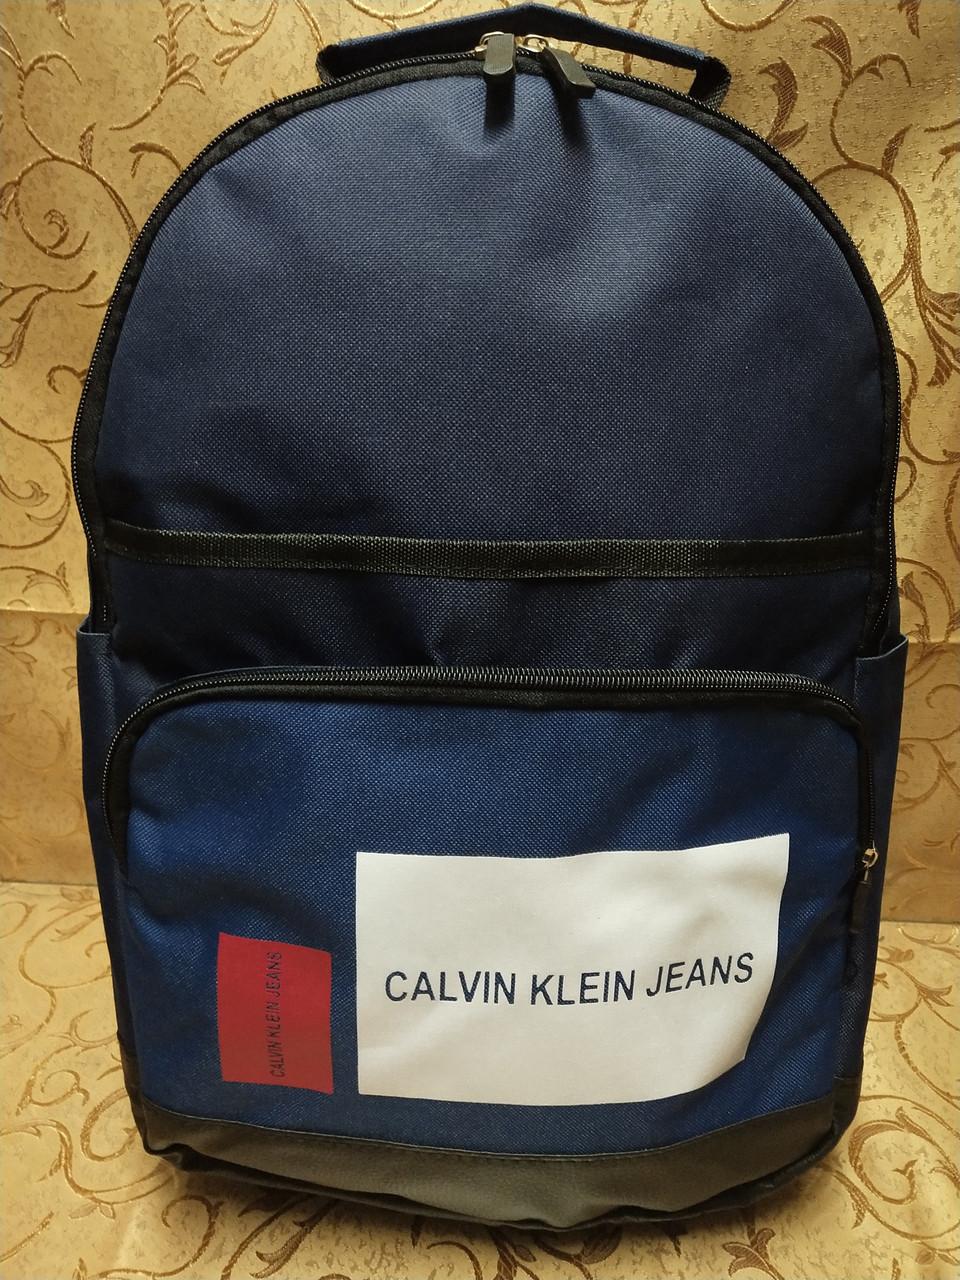 Рюкзак calvin klein jeans с кожаным дном Унисекс Спортивный городской стильный только ОПТ